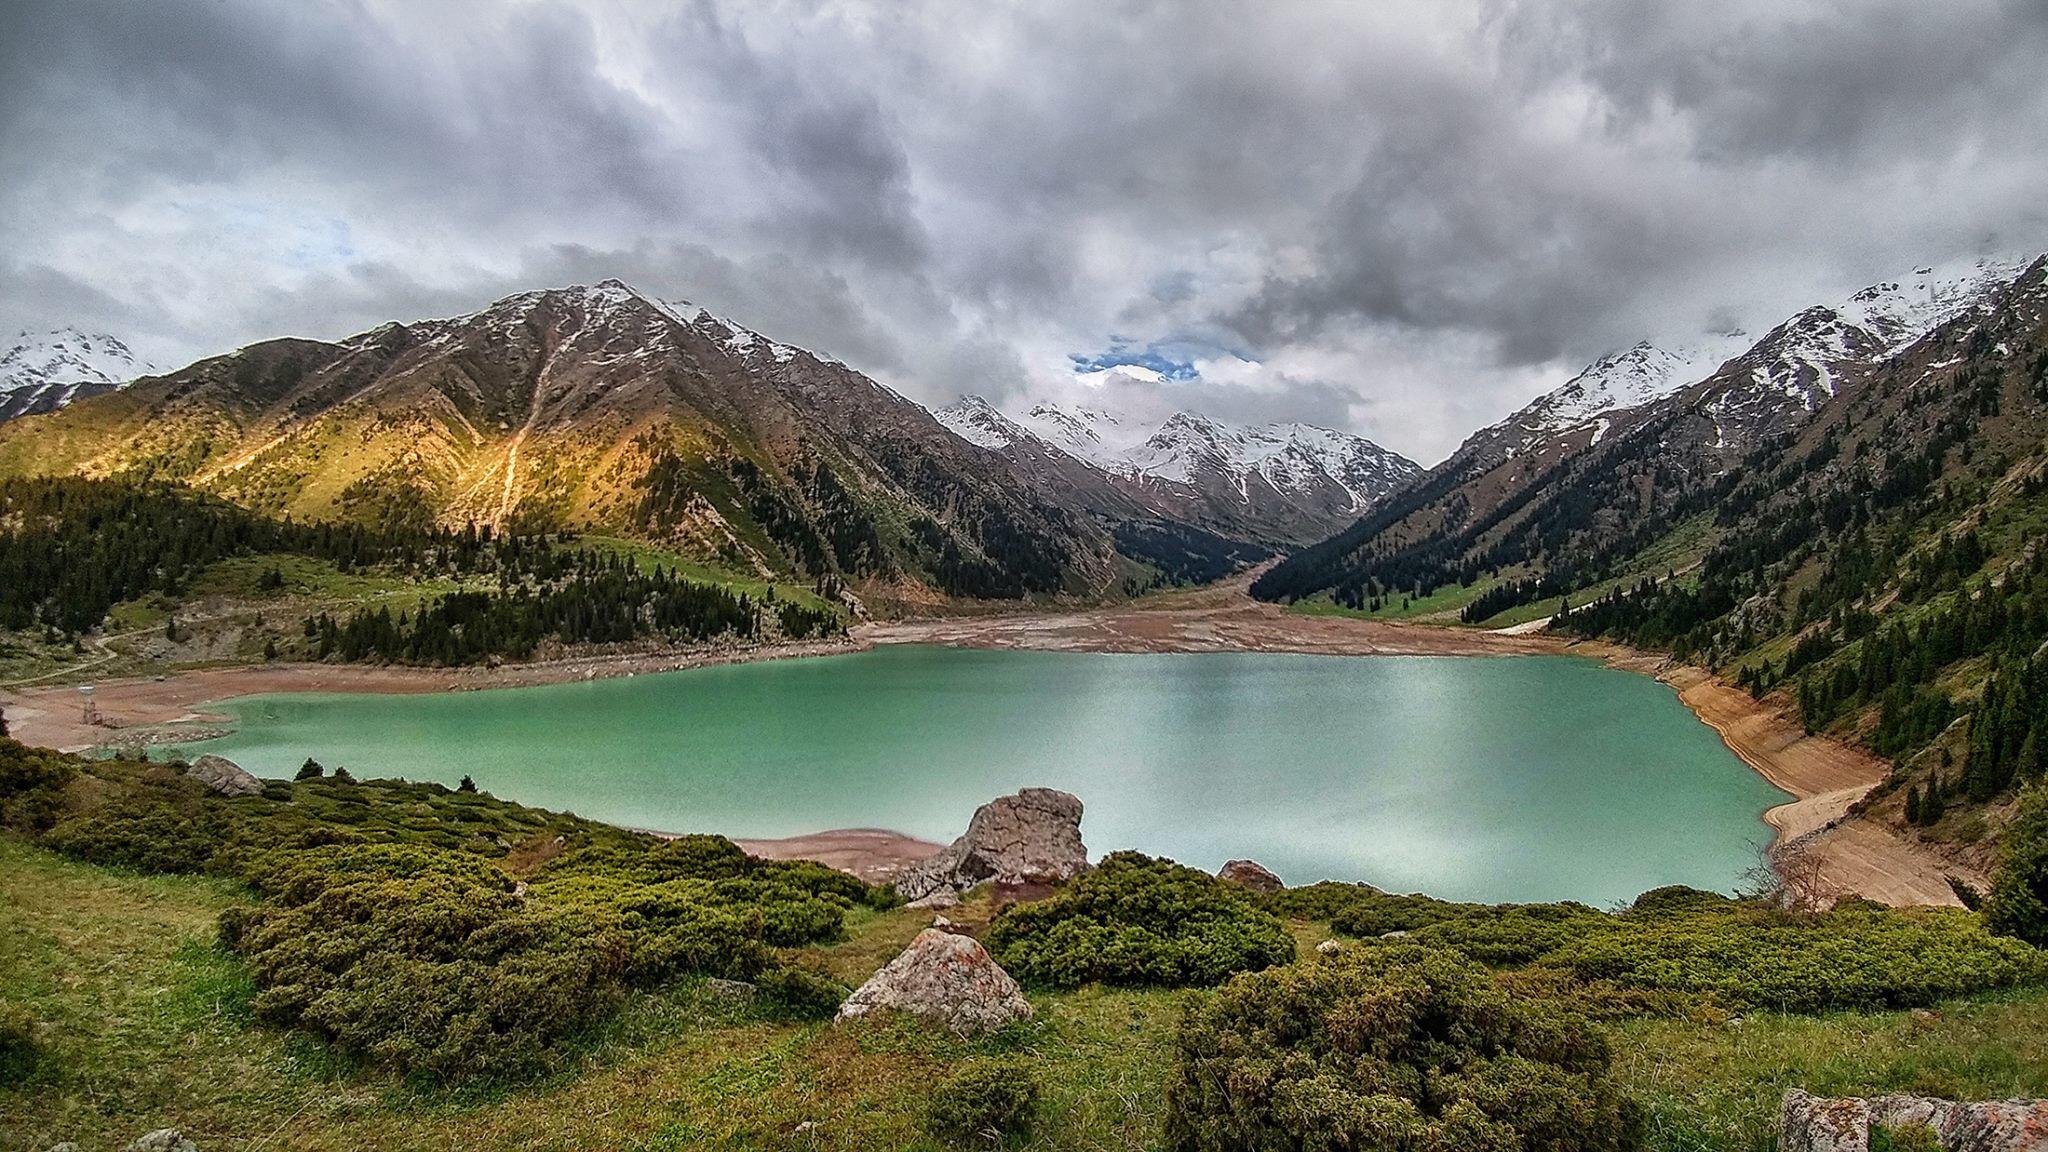 Big Almaty Lake Almaty Kazakhstan Photo By Maxim Zolotukhin Kasachstan